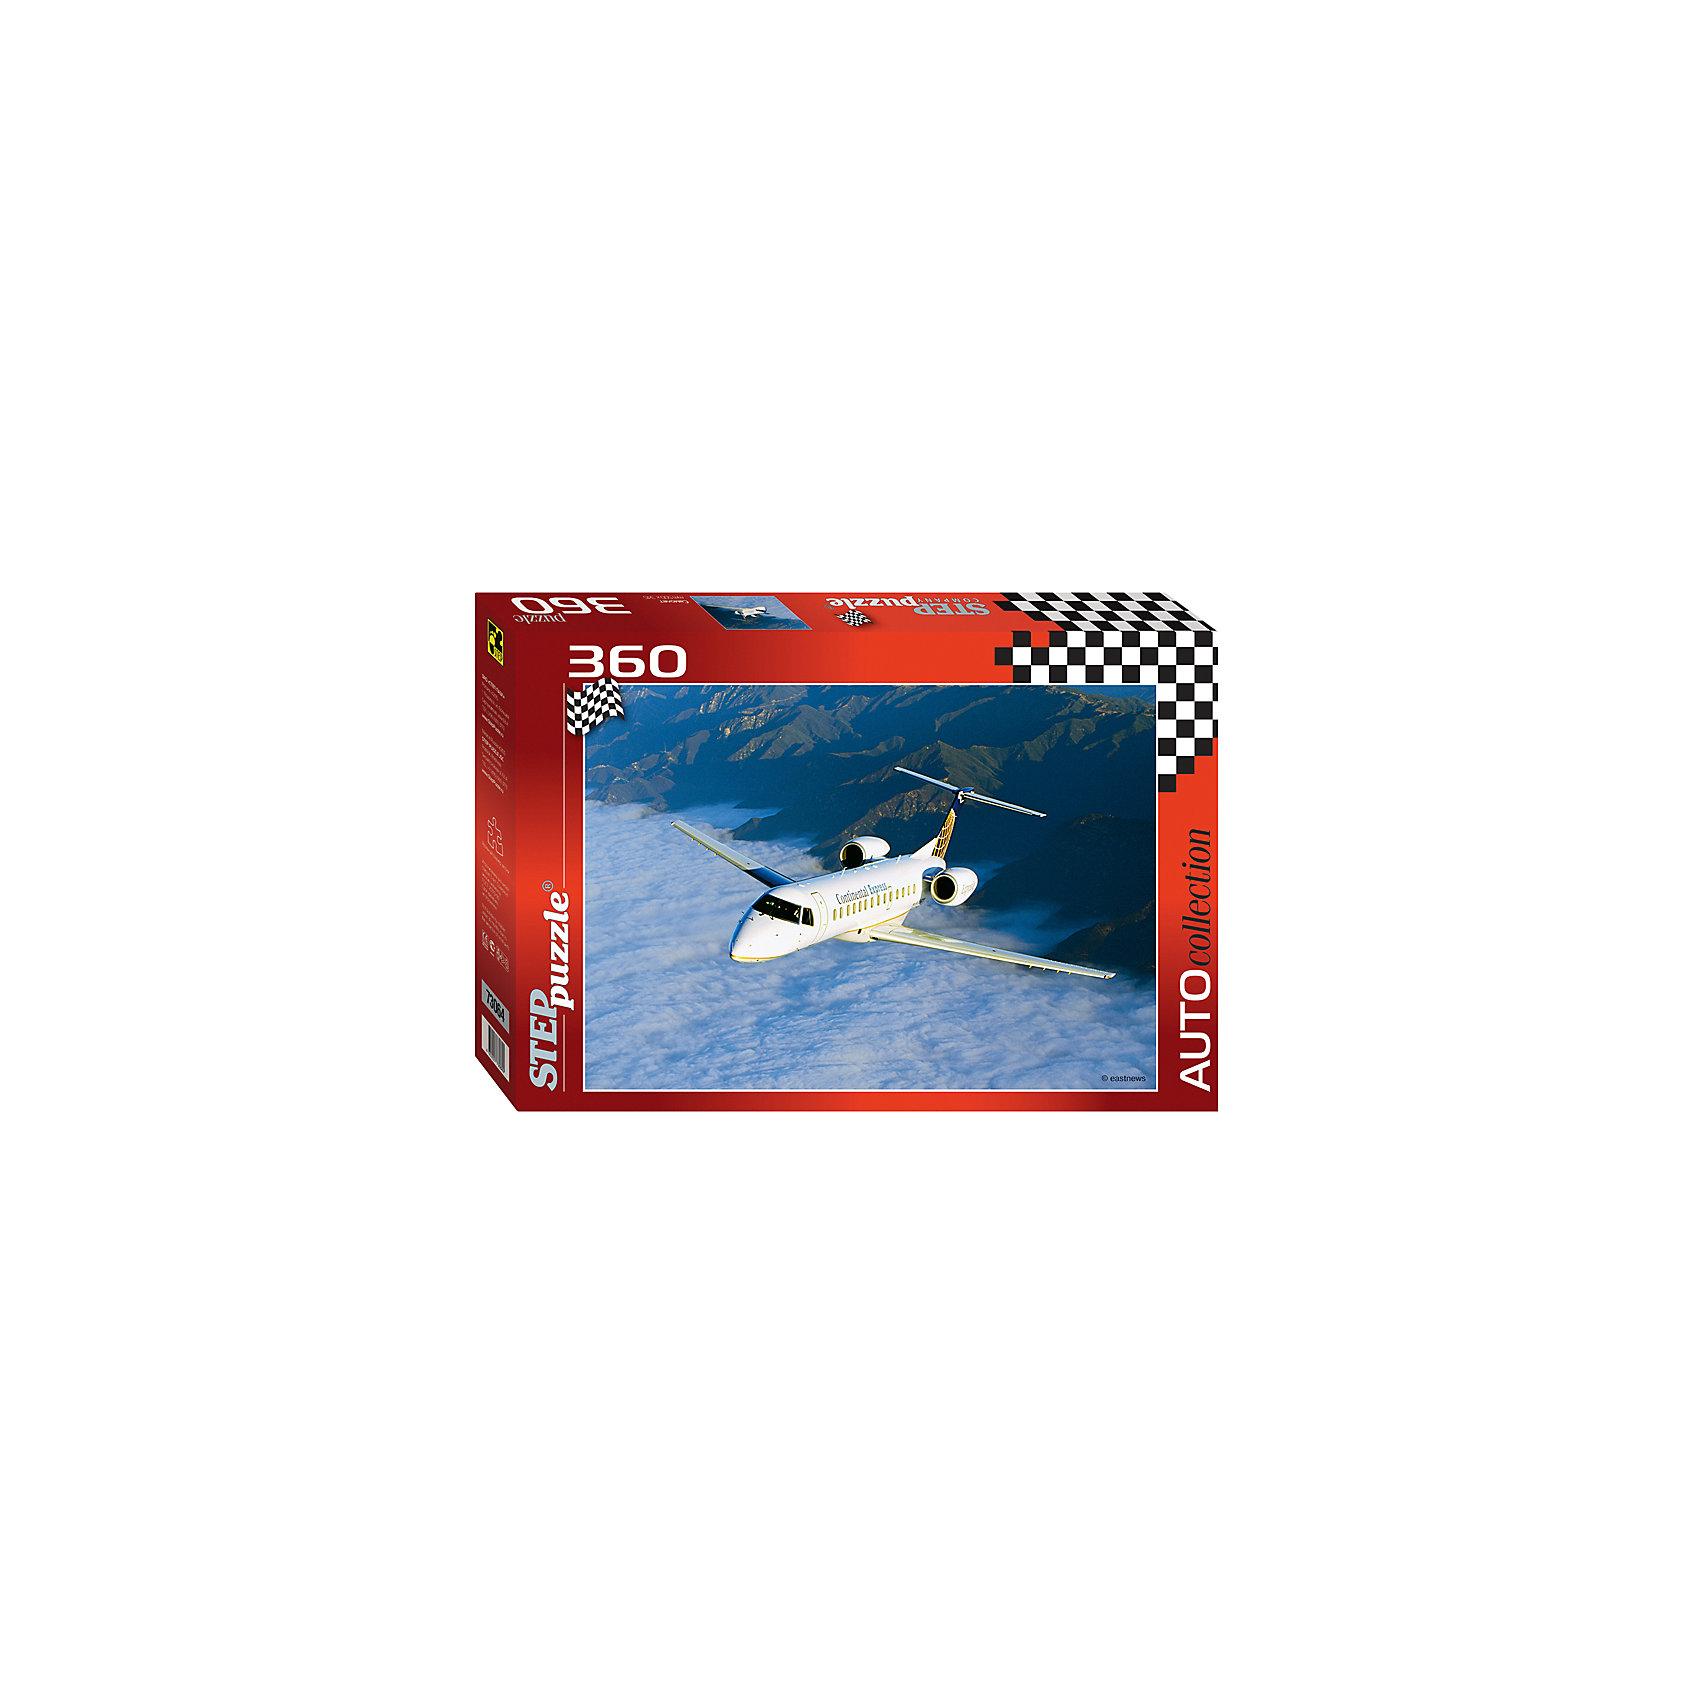 Пазл Самолет, 360 деталей, Step PuzzleПазл Самолет, 360 деталей, Step Puzzle (Степ Пазл) – это красочный пазл  серии «Auto collection».<br>Красочный Самолет от торговой марки Step Puzzle (Степ Пазл) станет прекрасным подарком, как для малышей, так и для взрослых. Все элементы изготовлены из прочного картона. Качественные фрагменты пазла отлично проклеены, не расслаиваются и идеально подходят один к другому, поэтому сборка пазла обеспечит только положительные эмоции. Собрав все детали, Вы получите яркую картинку с изображением небольшого белого самолета, летящего над облаками. Занятия с пазлом поспособствуют развитию множества полезных навыков, таких как мелкая моторика рук, пространственное мышление, память и наблюдательность.<br><br>Дополнительная информация:<br><br>- Количество деталей: 360<br>- Материал: картон<br>- Размер собранной картины: 50х34,5 см.<br>- Отличная проклейка<br>- Детали идеально подходят друг другу<br>- Упаковка: картонная коробка<br>- Размер упаковки: 335x40x215 мм.<br>- Вес: 400 гр.<br><br>Пазл Самолет, 360 деталей, Step Puzzle (Степ Пазл) можно купить в нашем интернет-магазине.<br><br>Ширина мм: 335<br>Глубина мм: 40<br>Высота мм: 215<br>Вес г: 400<br>Возраст от месяцев: 84<br>Возраст до месяцев: 192<br>Пол: Унисекс<br>Возраст: Детский<br>SKU: 4588297